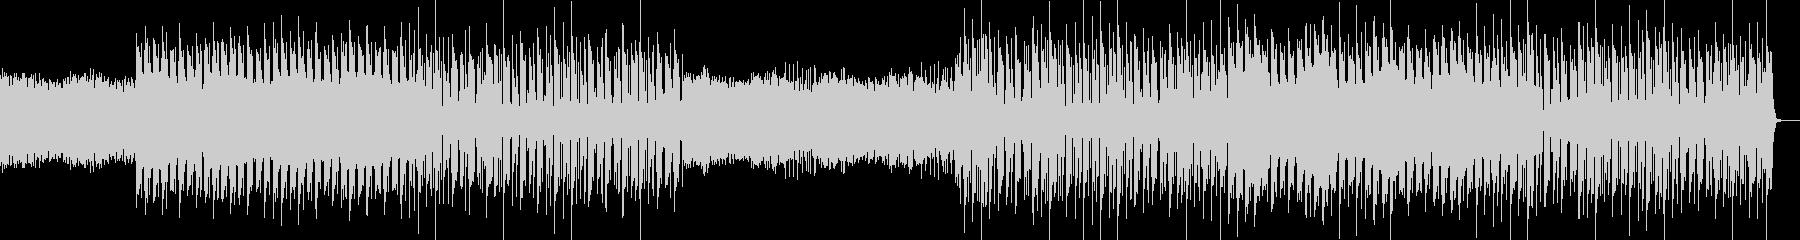 おしゃれ・クール・EDM・ハウス13の未再生の波形